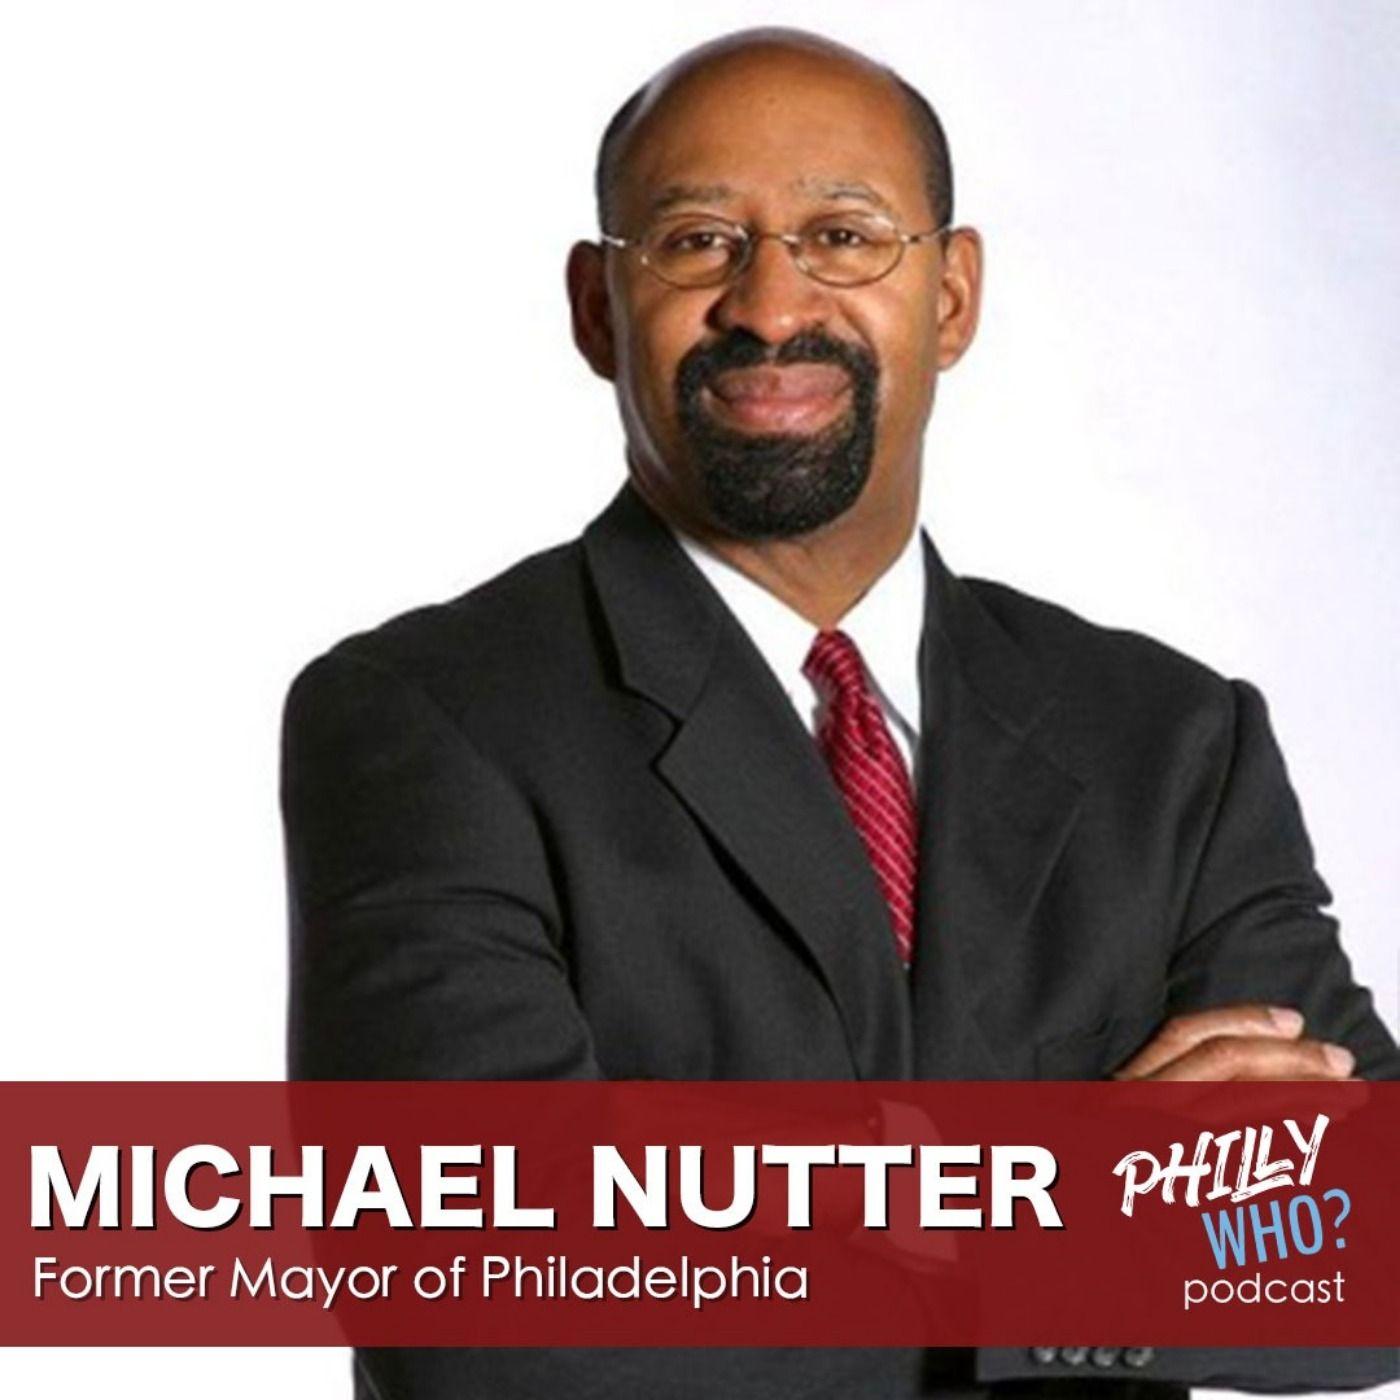 Michael Nutter: The 98th Mayor of Philadelphia